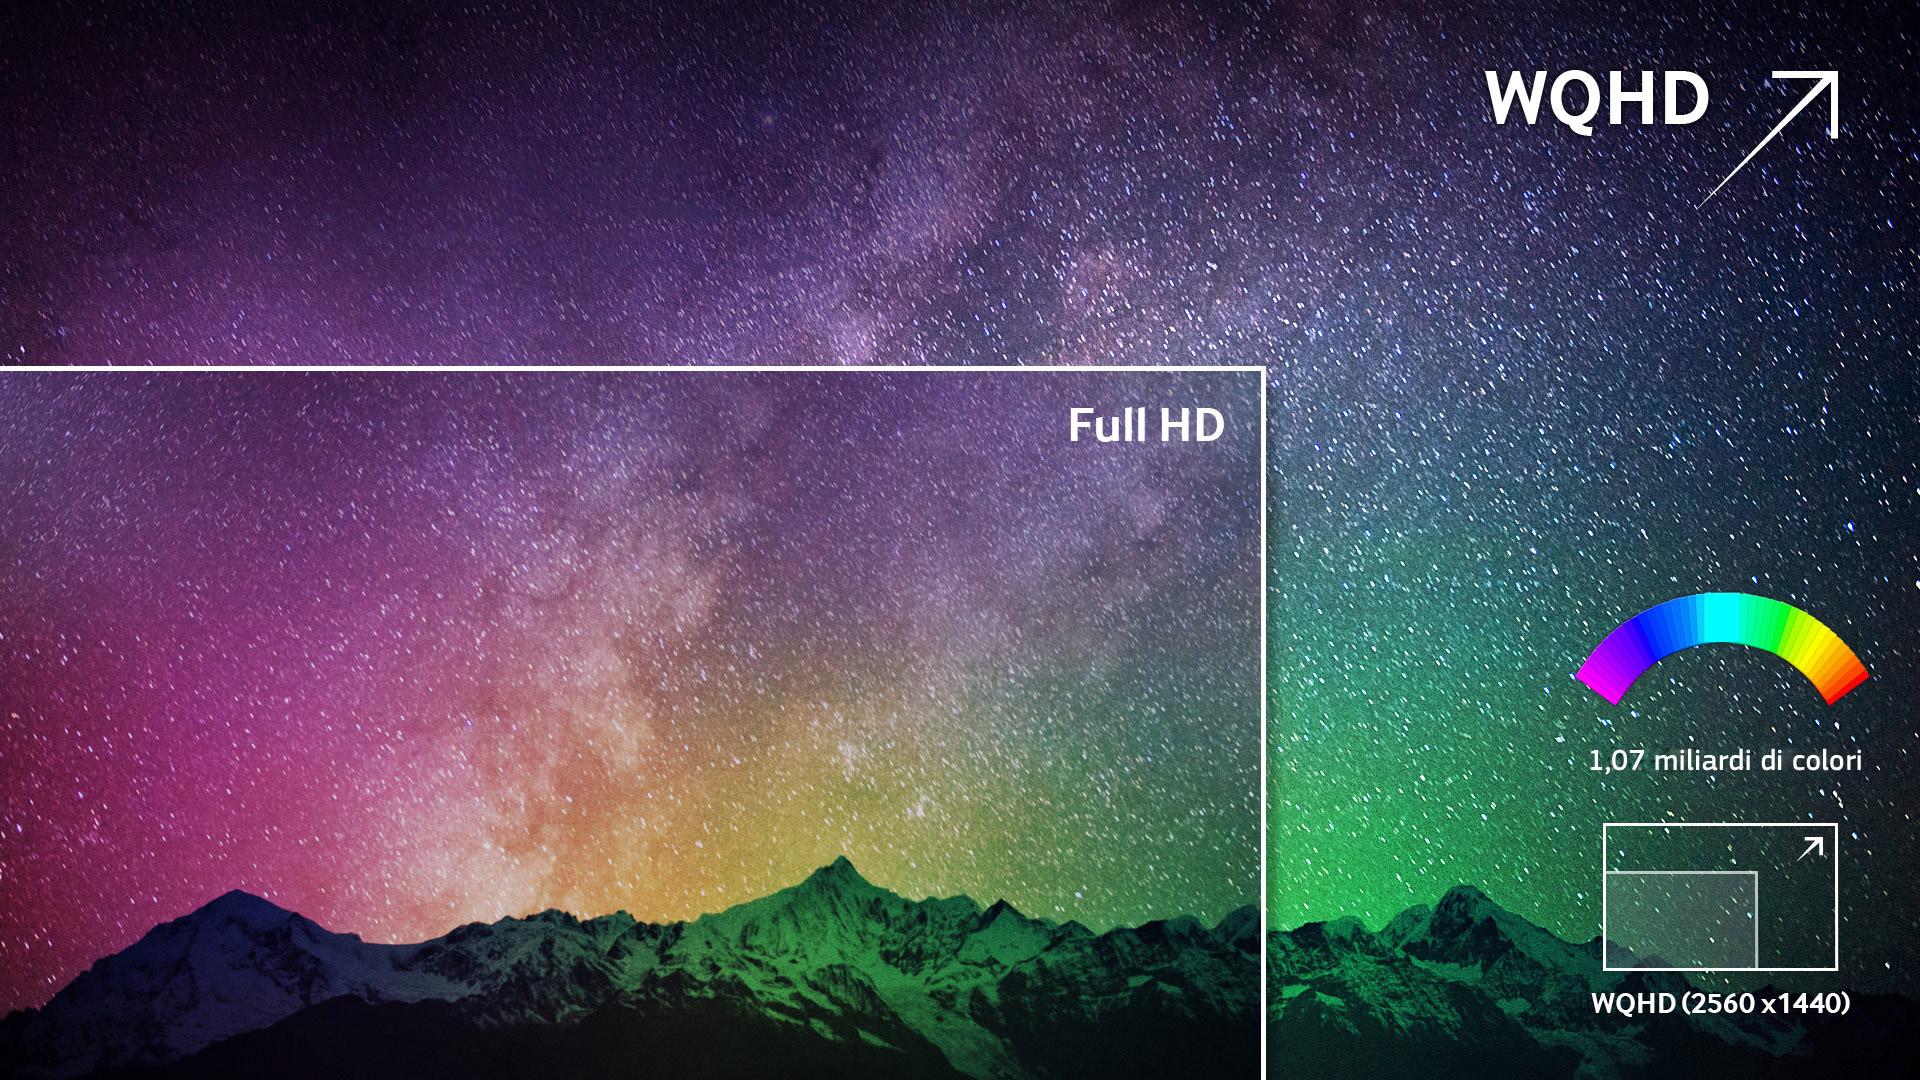 Scopri una qualità dell'immagine eccellente, con la massima nitidezza e miliardi di colori